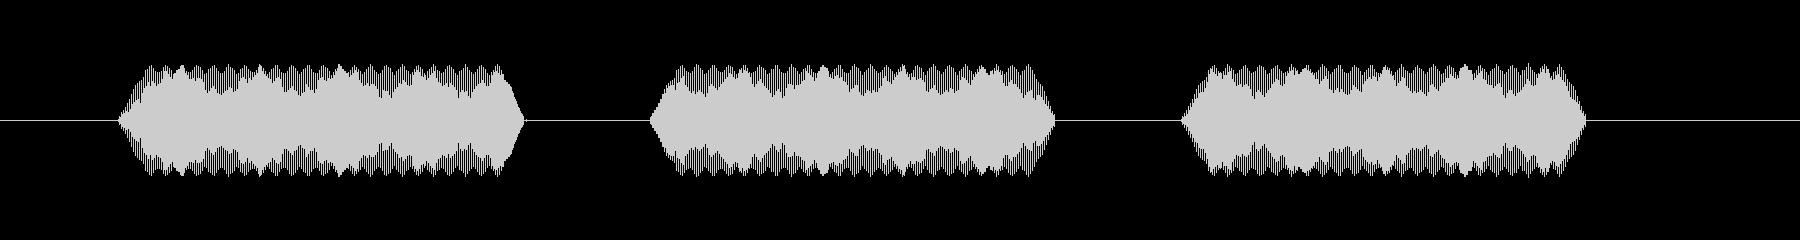 【汎用・セリフ音等】ピピピ(低)の未再生の波形